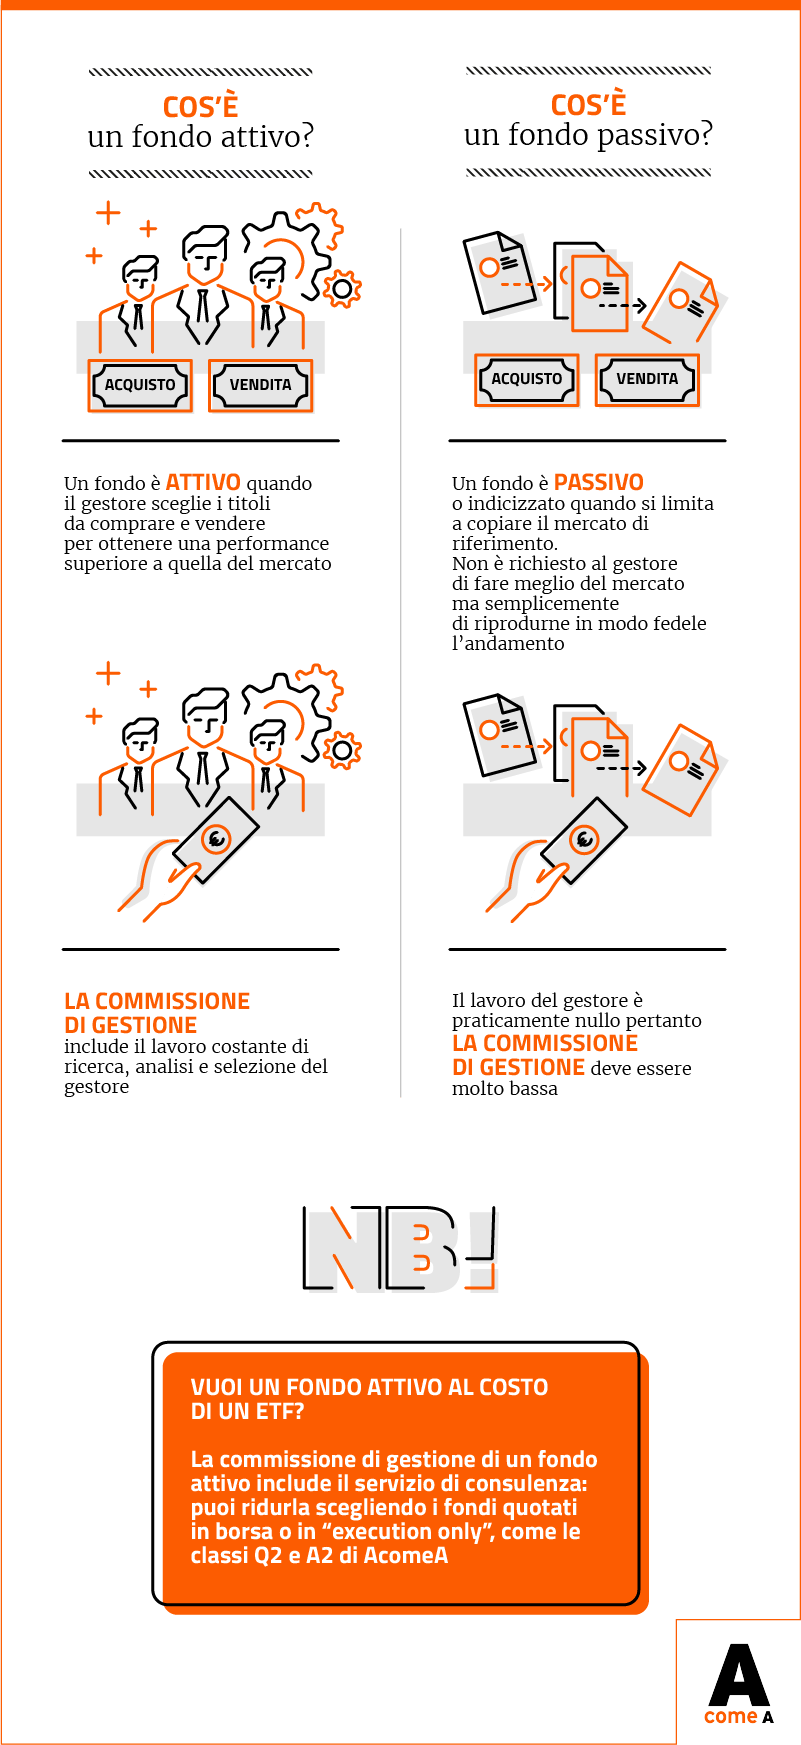 Infografica: differenza tra fondi comuni di investimento attivi e passivi